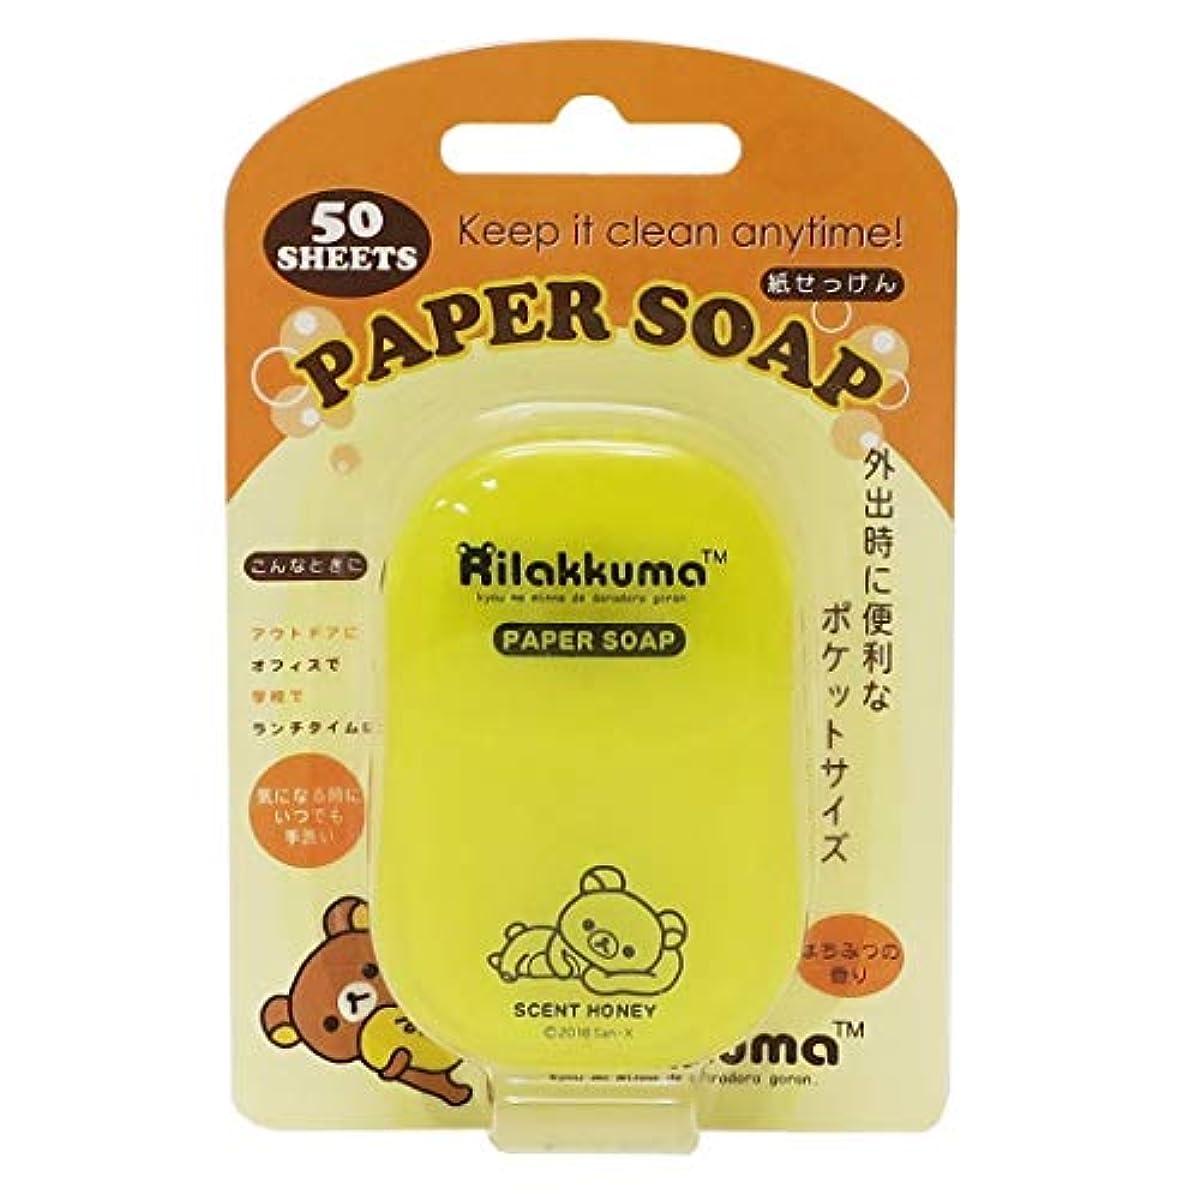 保護する無秩序ぬるい【 2個 セット 】 リラックマ キャラクター 紙石鹸 はちみつの香り 100枚入り (50枚×2個)